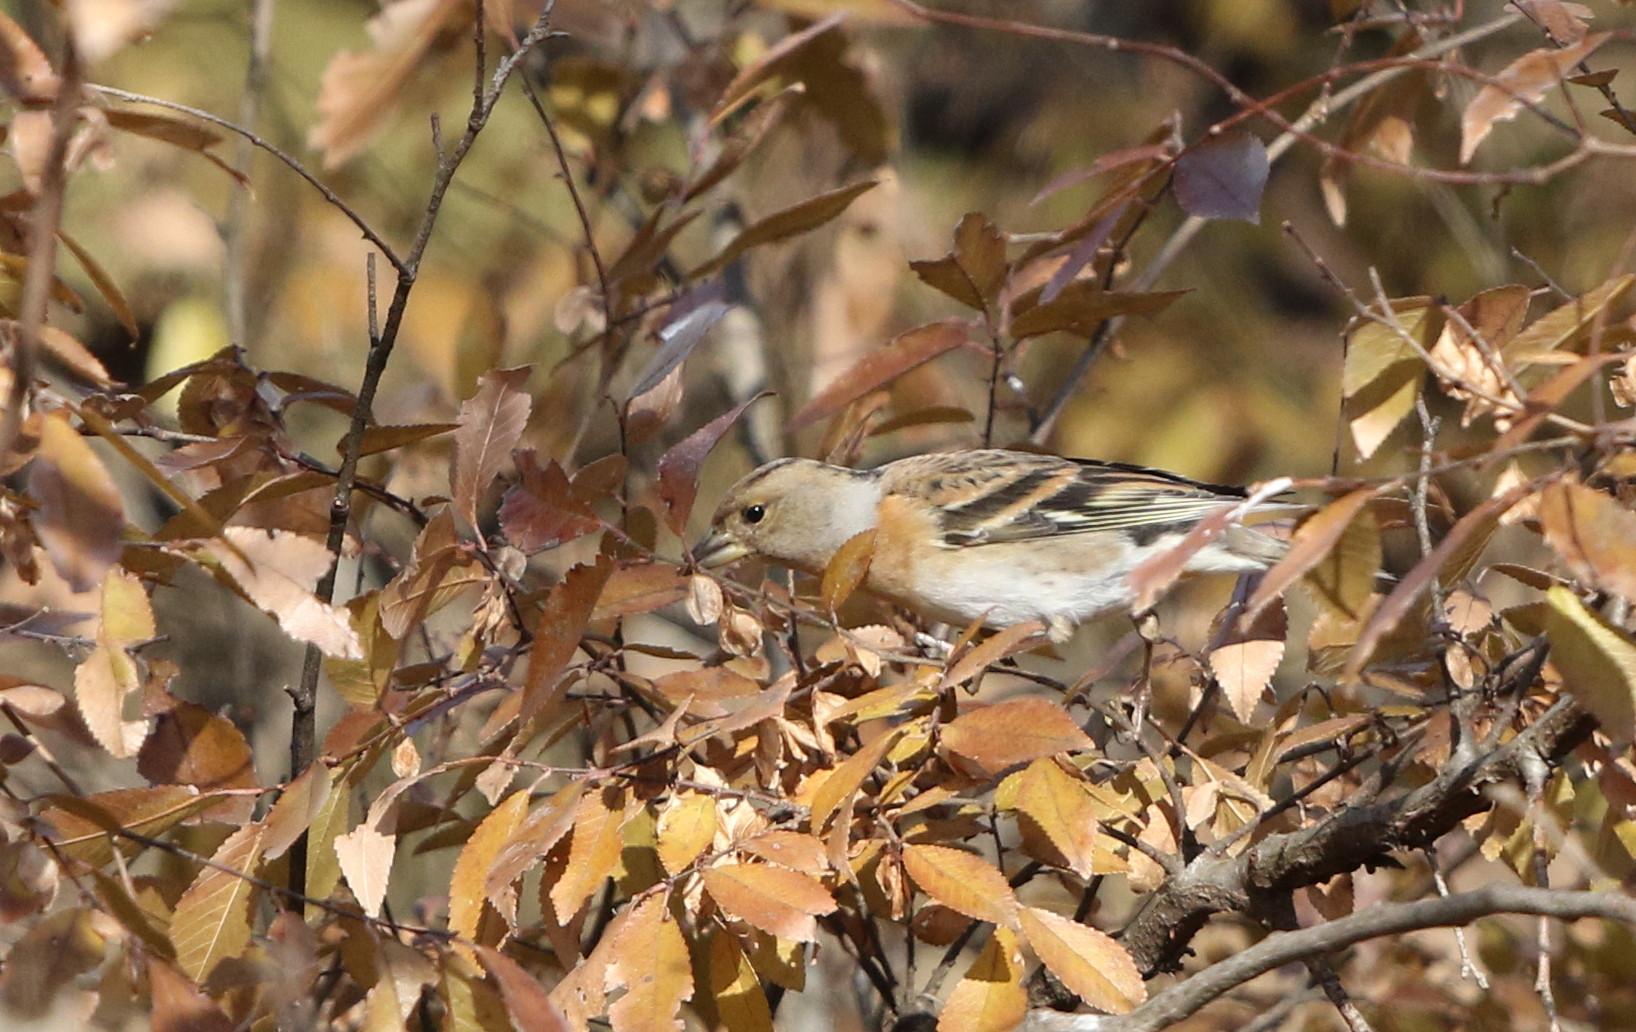 冬鳥を探しに出かけアトリに逢う(渡良瀬遊水地内にて)_f0239515_1731338.jpg